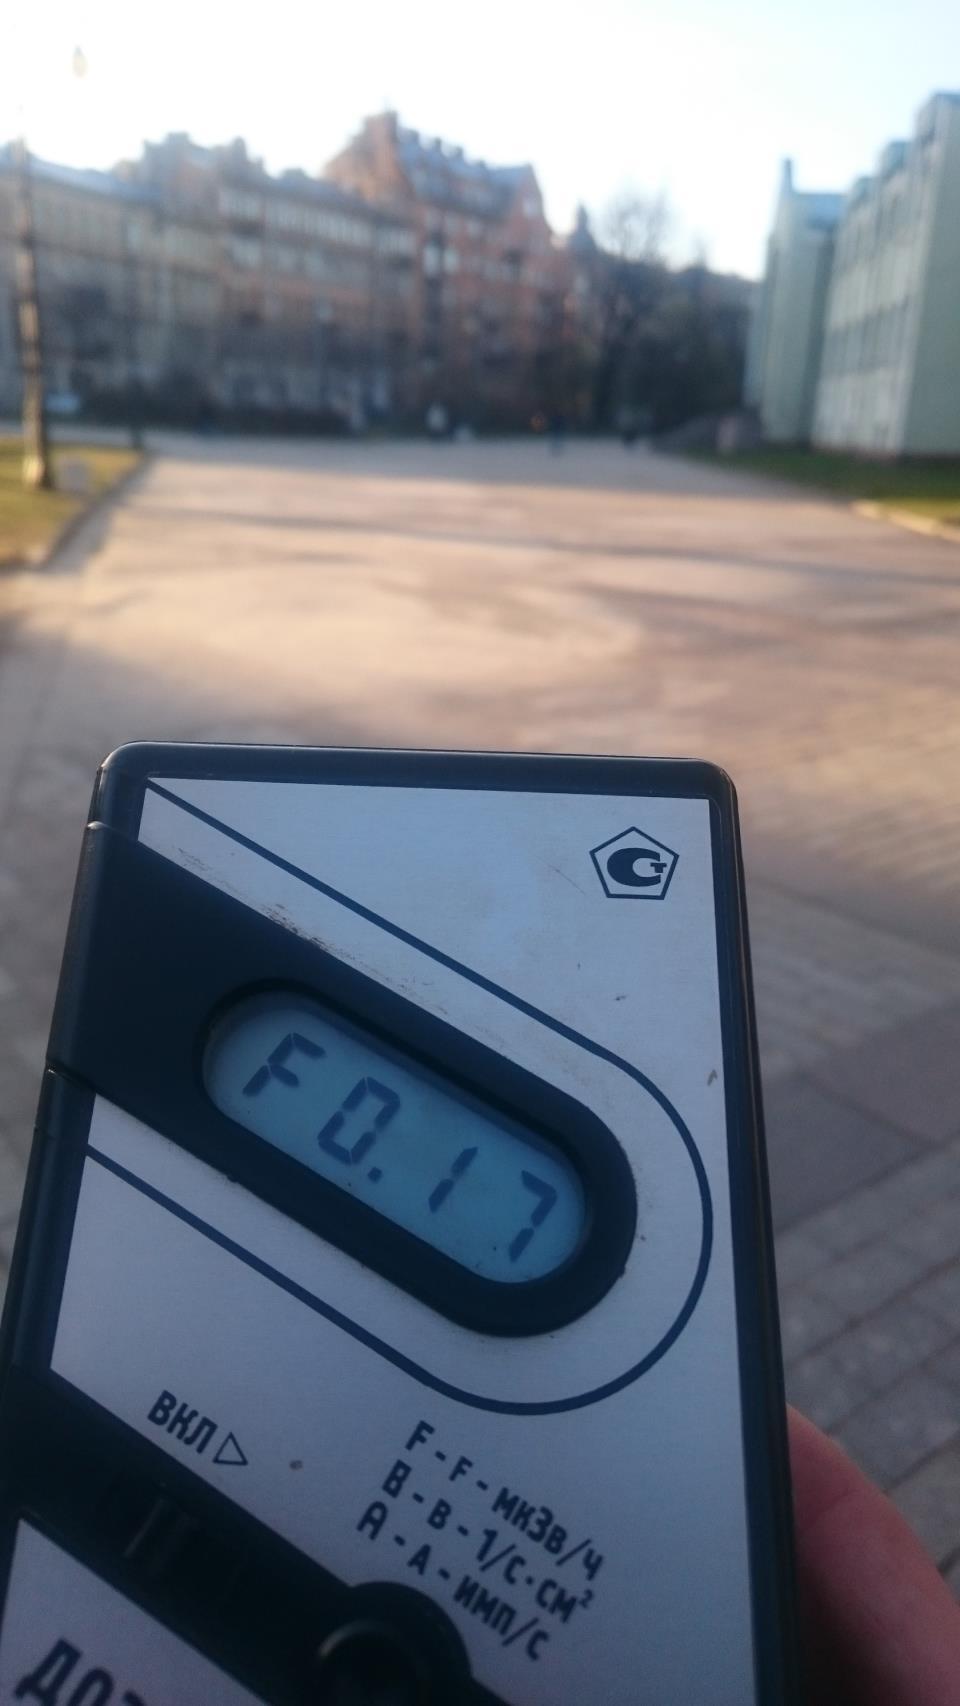 Точка измерения МЭД гамма-излучени в Александровском парке в Санкт-Петербурге